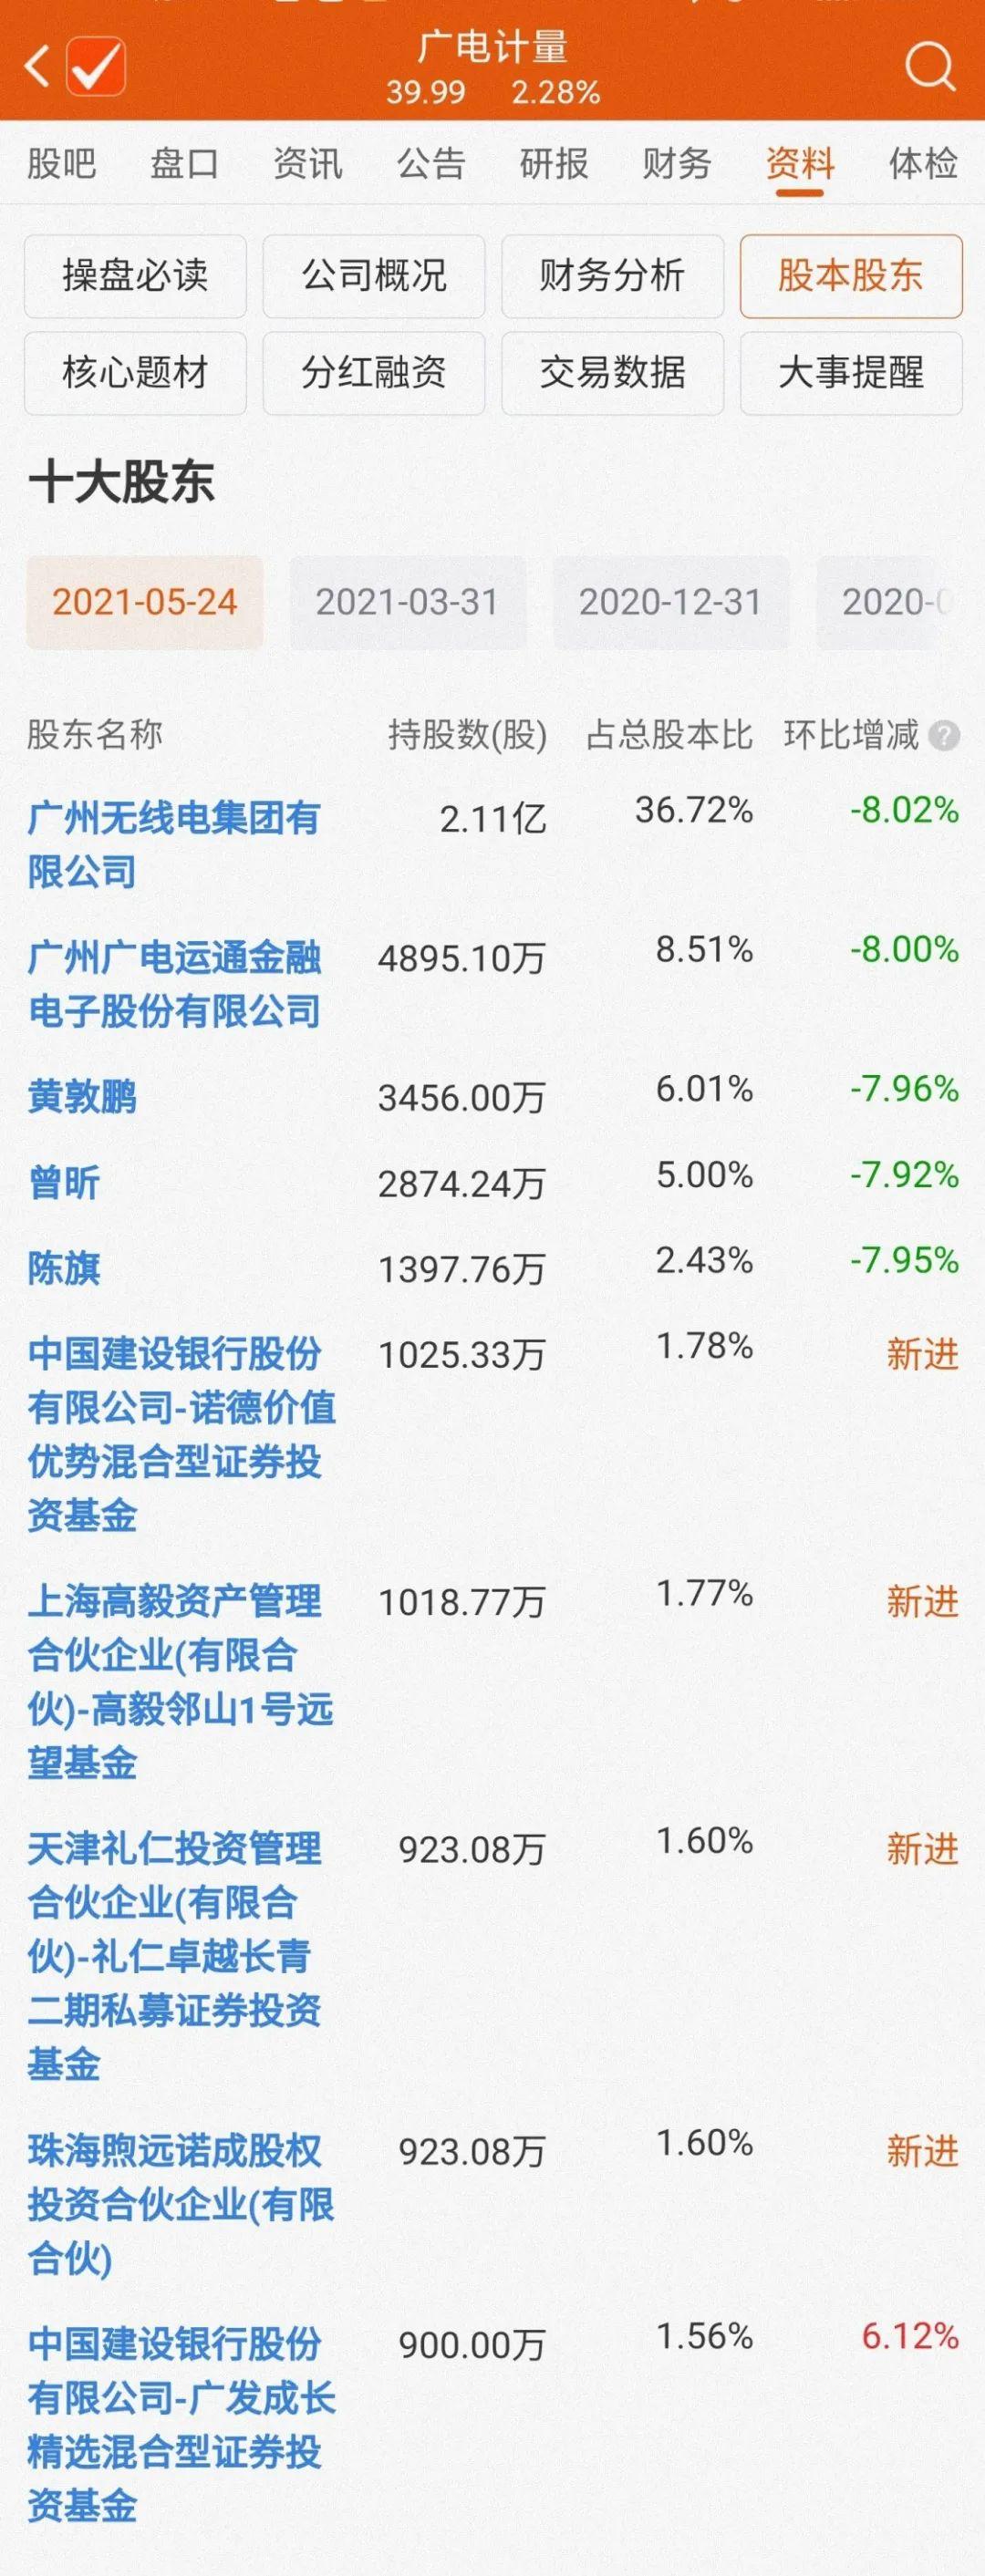 华信平台注册张磊、冯柳在这家市值不足300亿元的公司相遇了